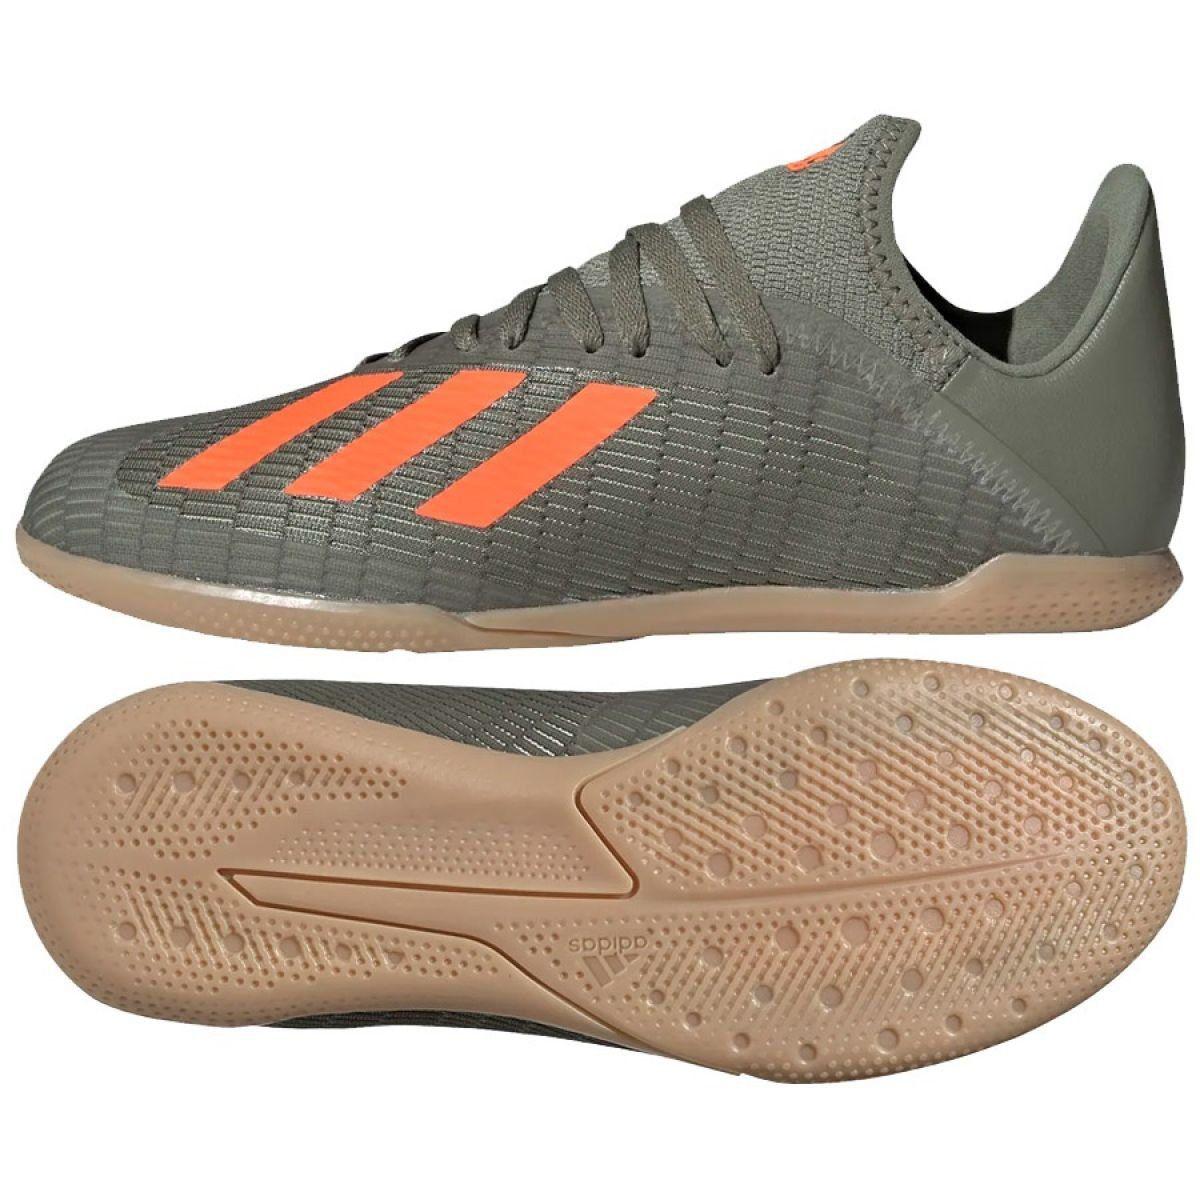 Adidas X 19 3 In Jr Ef8376 Indoor Shoes Grey Gray Silver Indoor Shoe Adidas Shoes